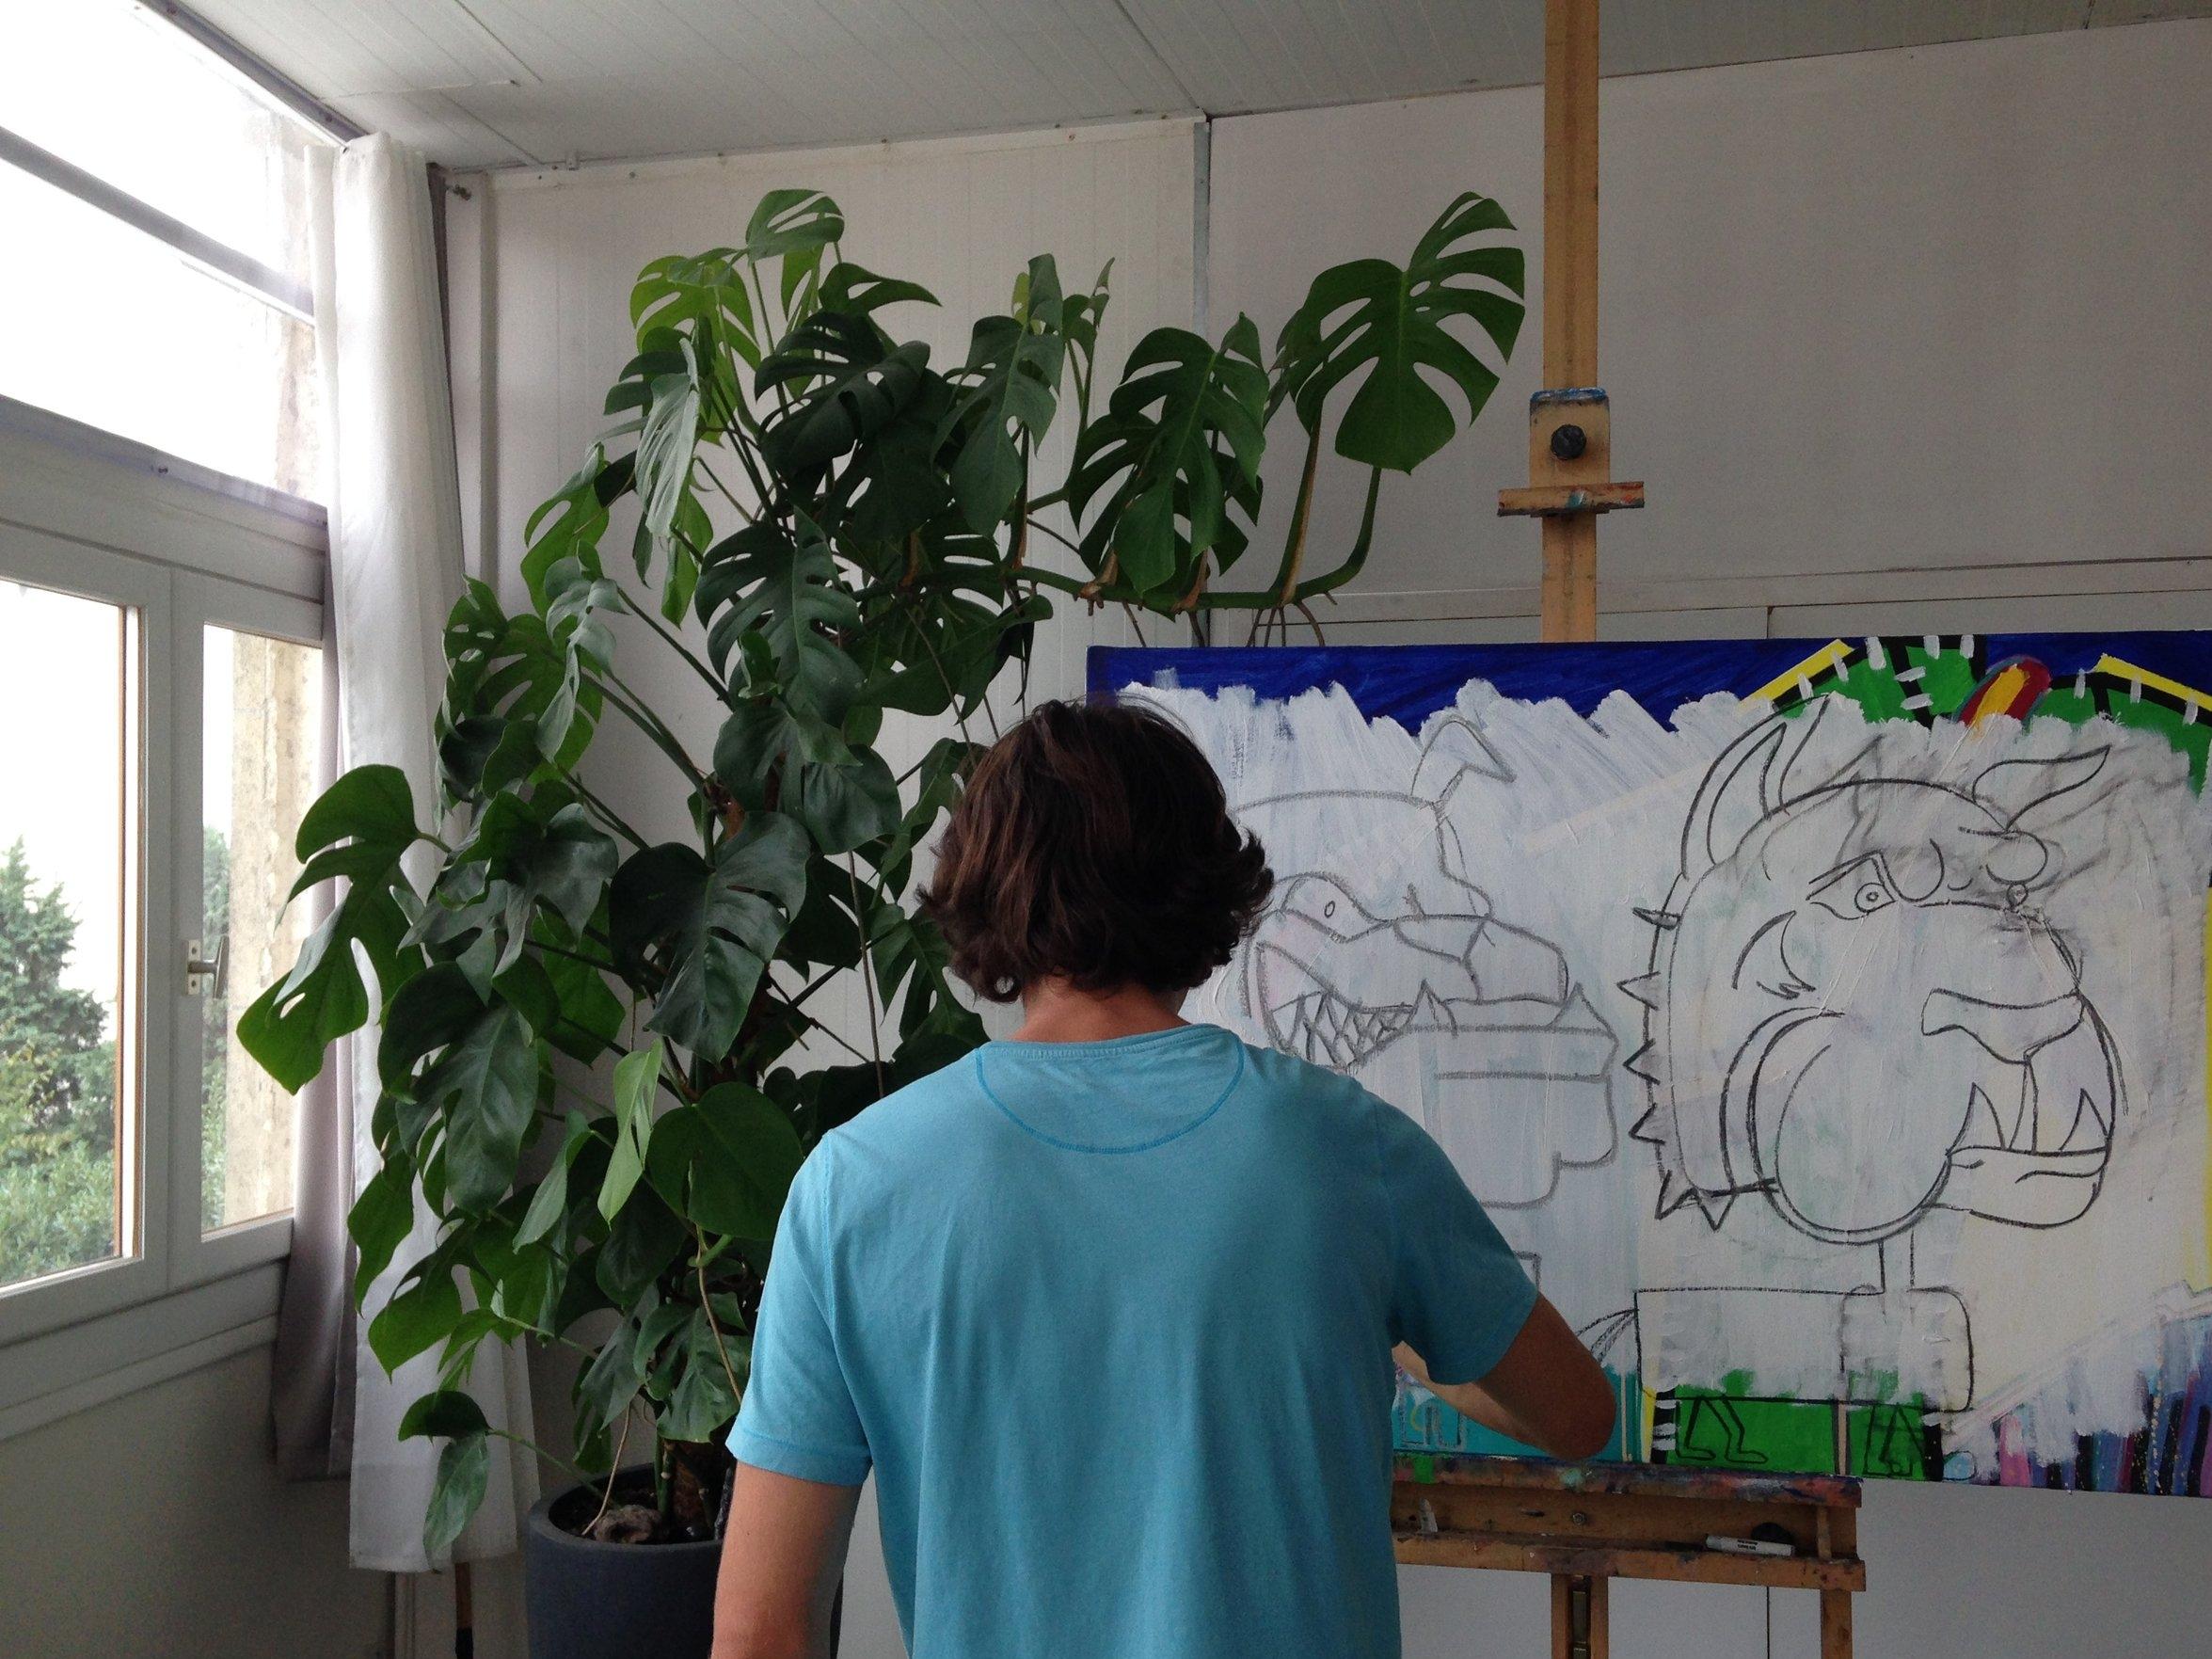 cours-ecole-dessin-peinture-paris-vincennes-montreuil-fontenay-sous-bois-edgar-saillen.jpg